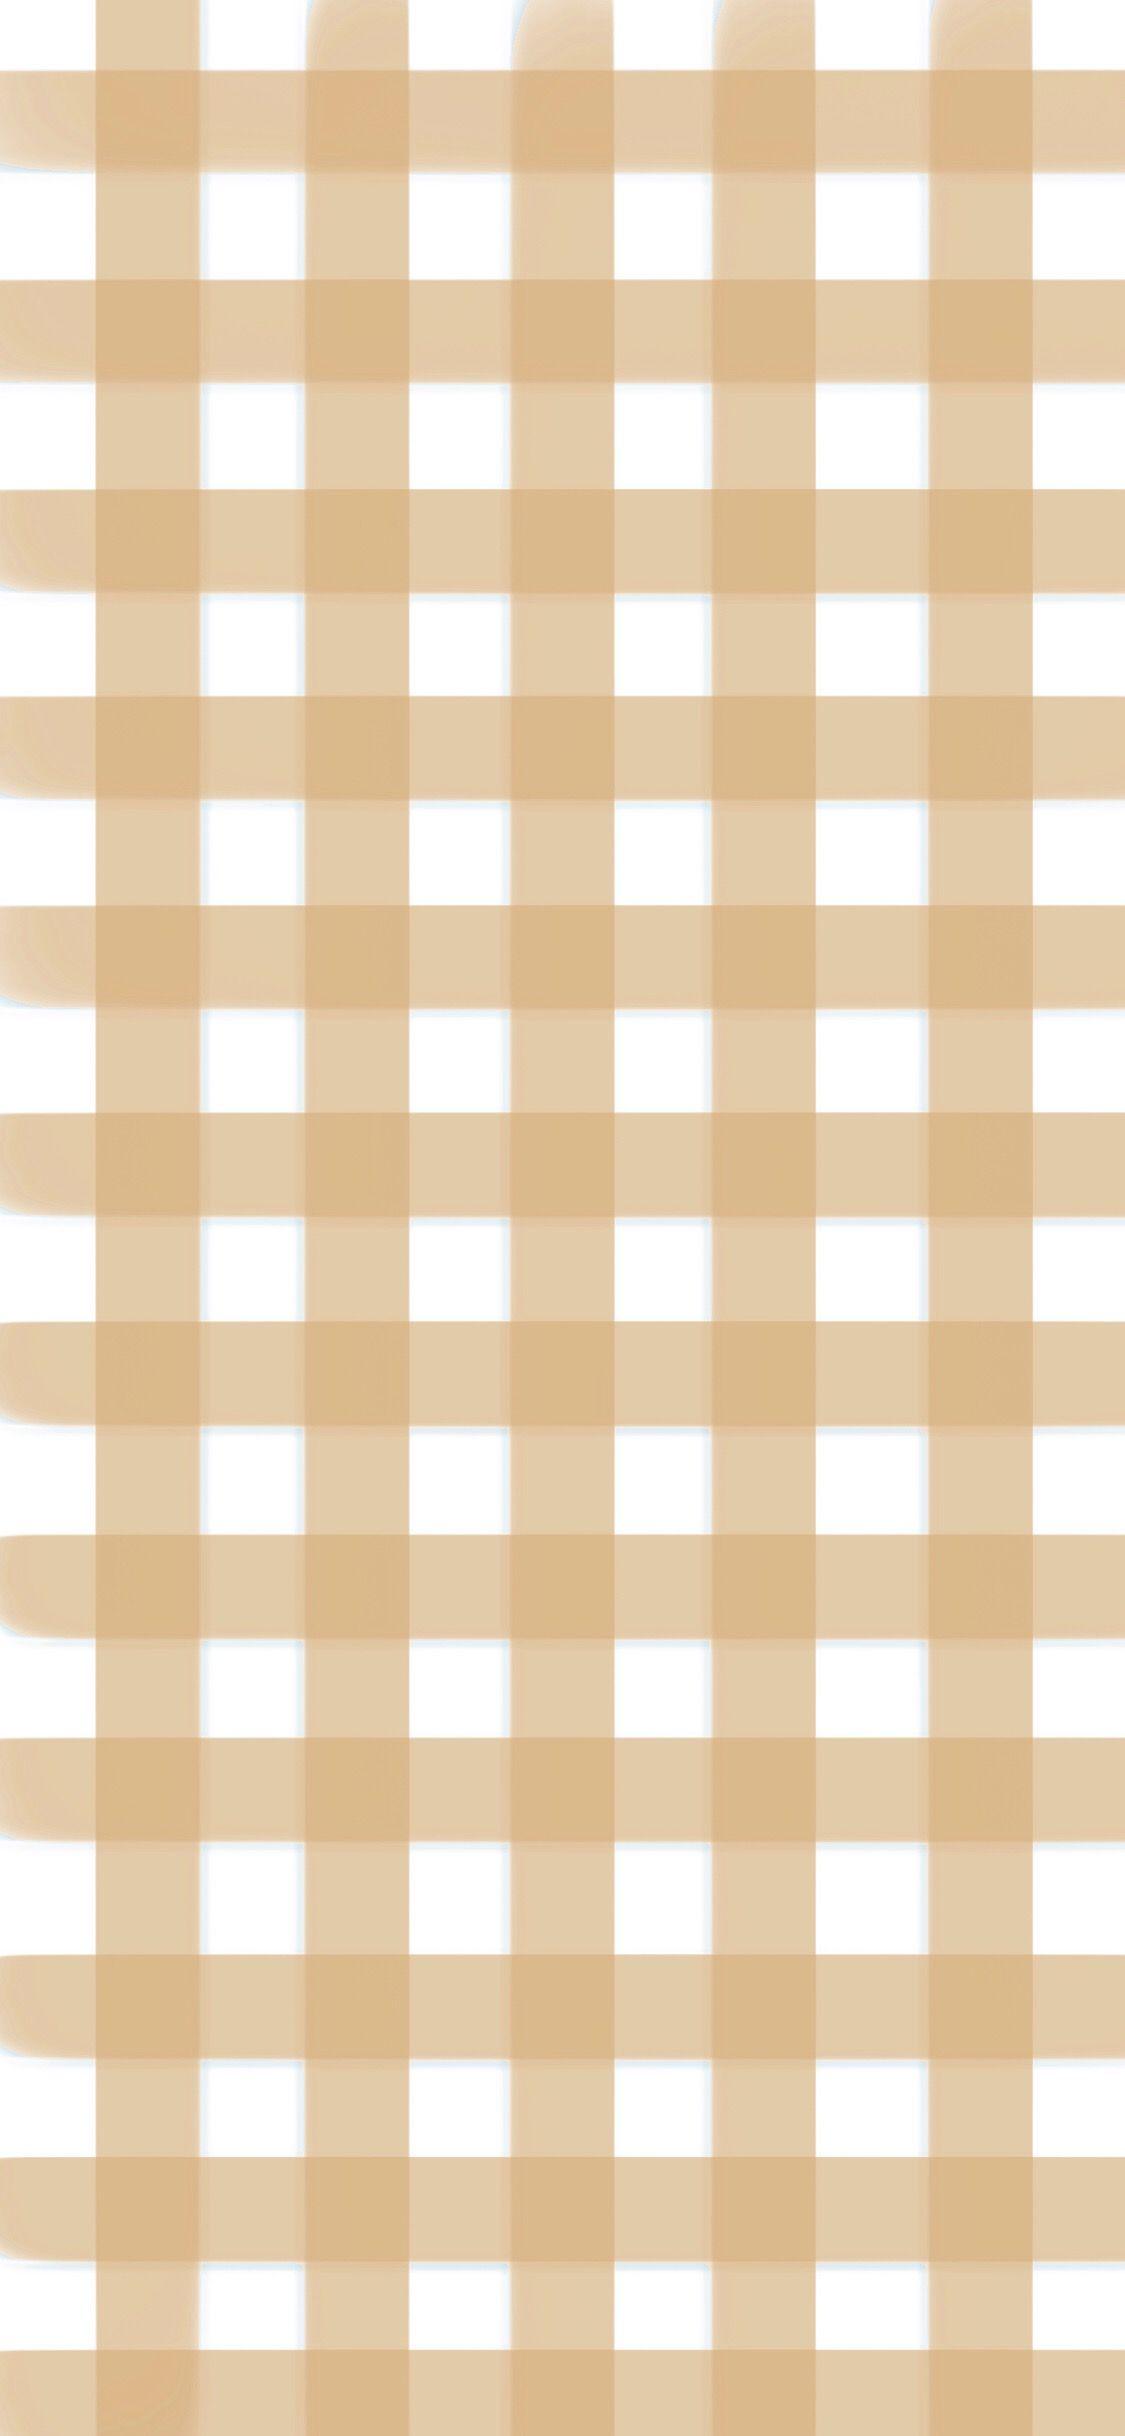 Pin Oleh Mieseyo Di Aesthetic Background Wallpaper Gaya Poster Kotak Kotak Wallpaper Kotak